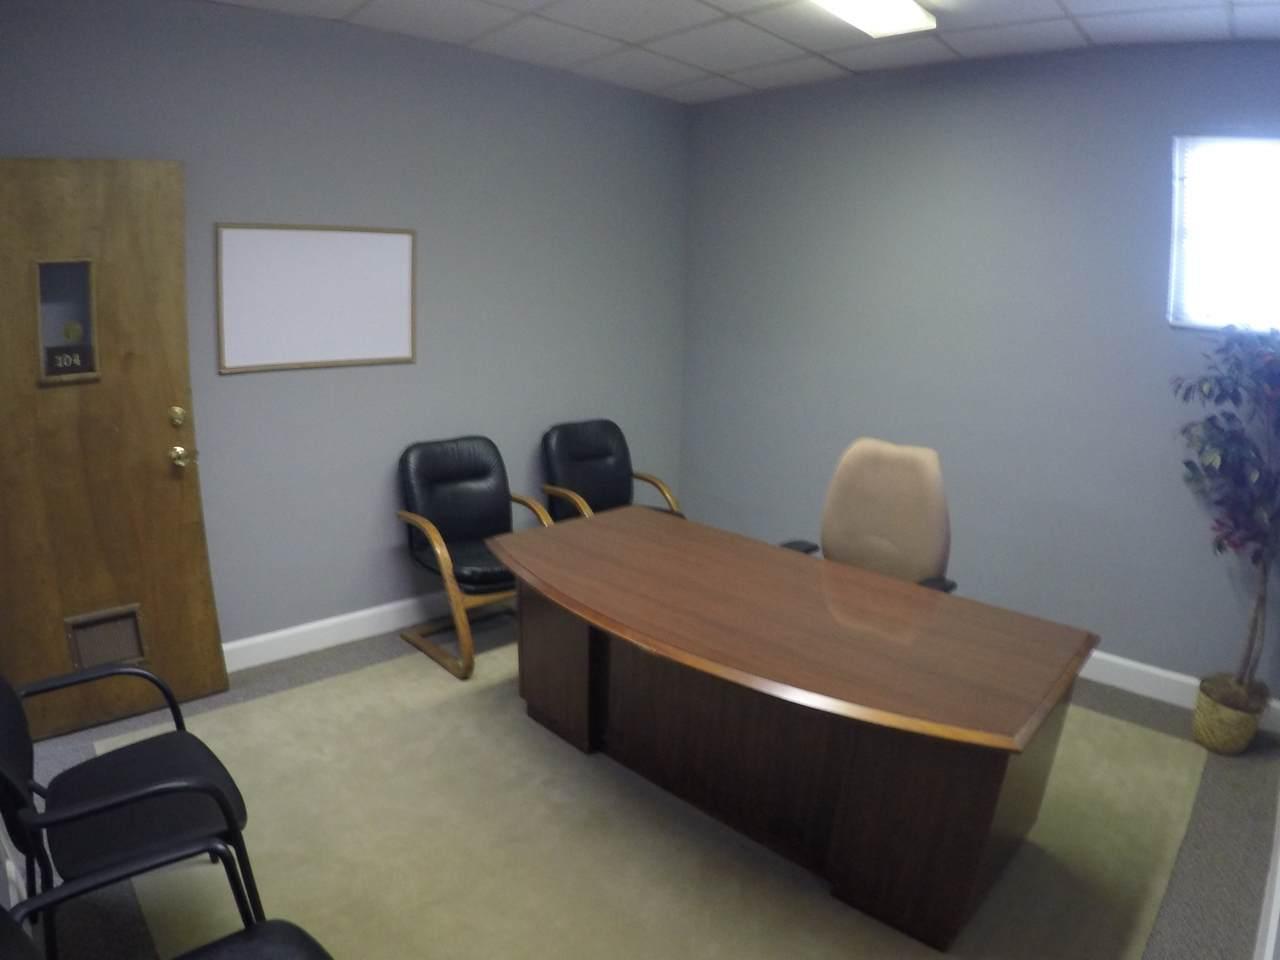 315 W Main St Suite 104 - Photo 1